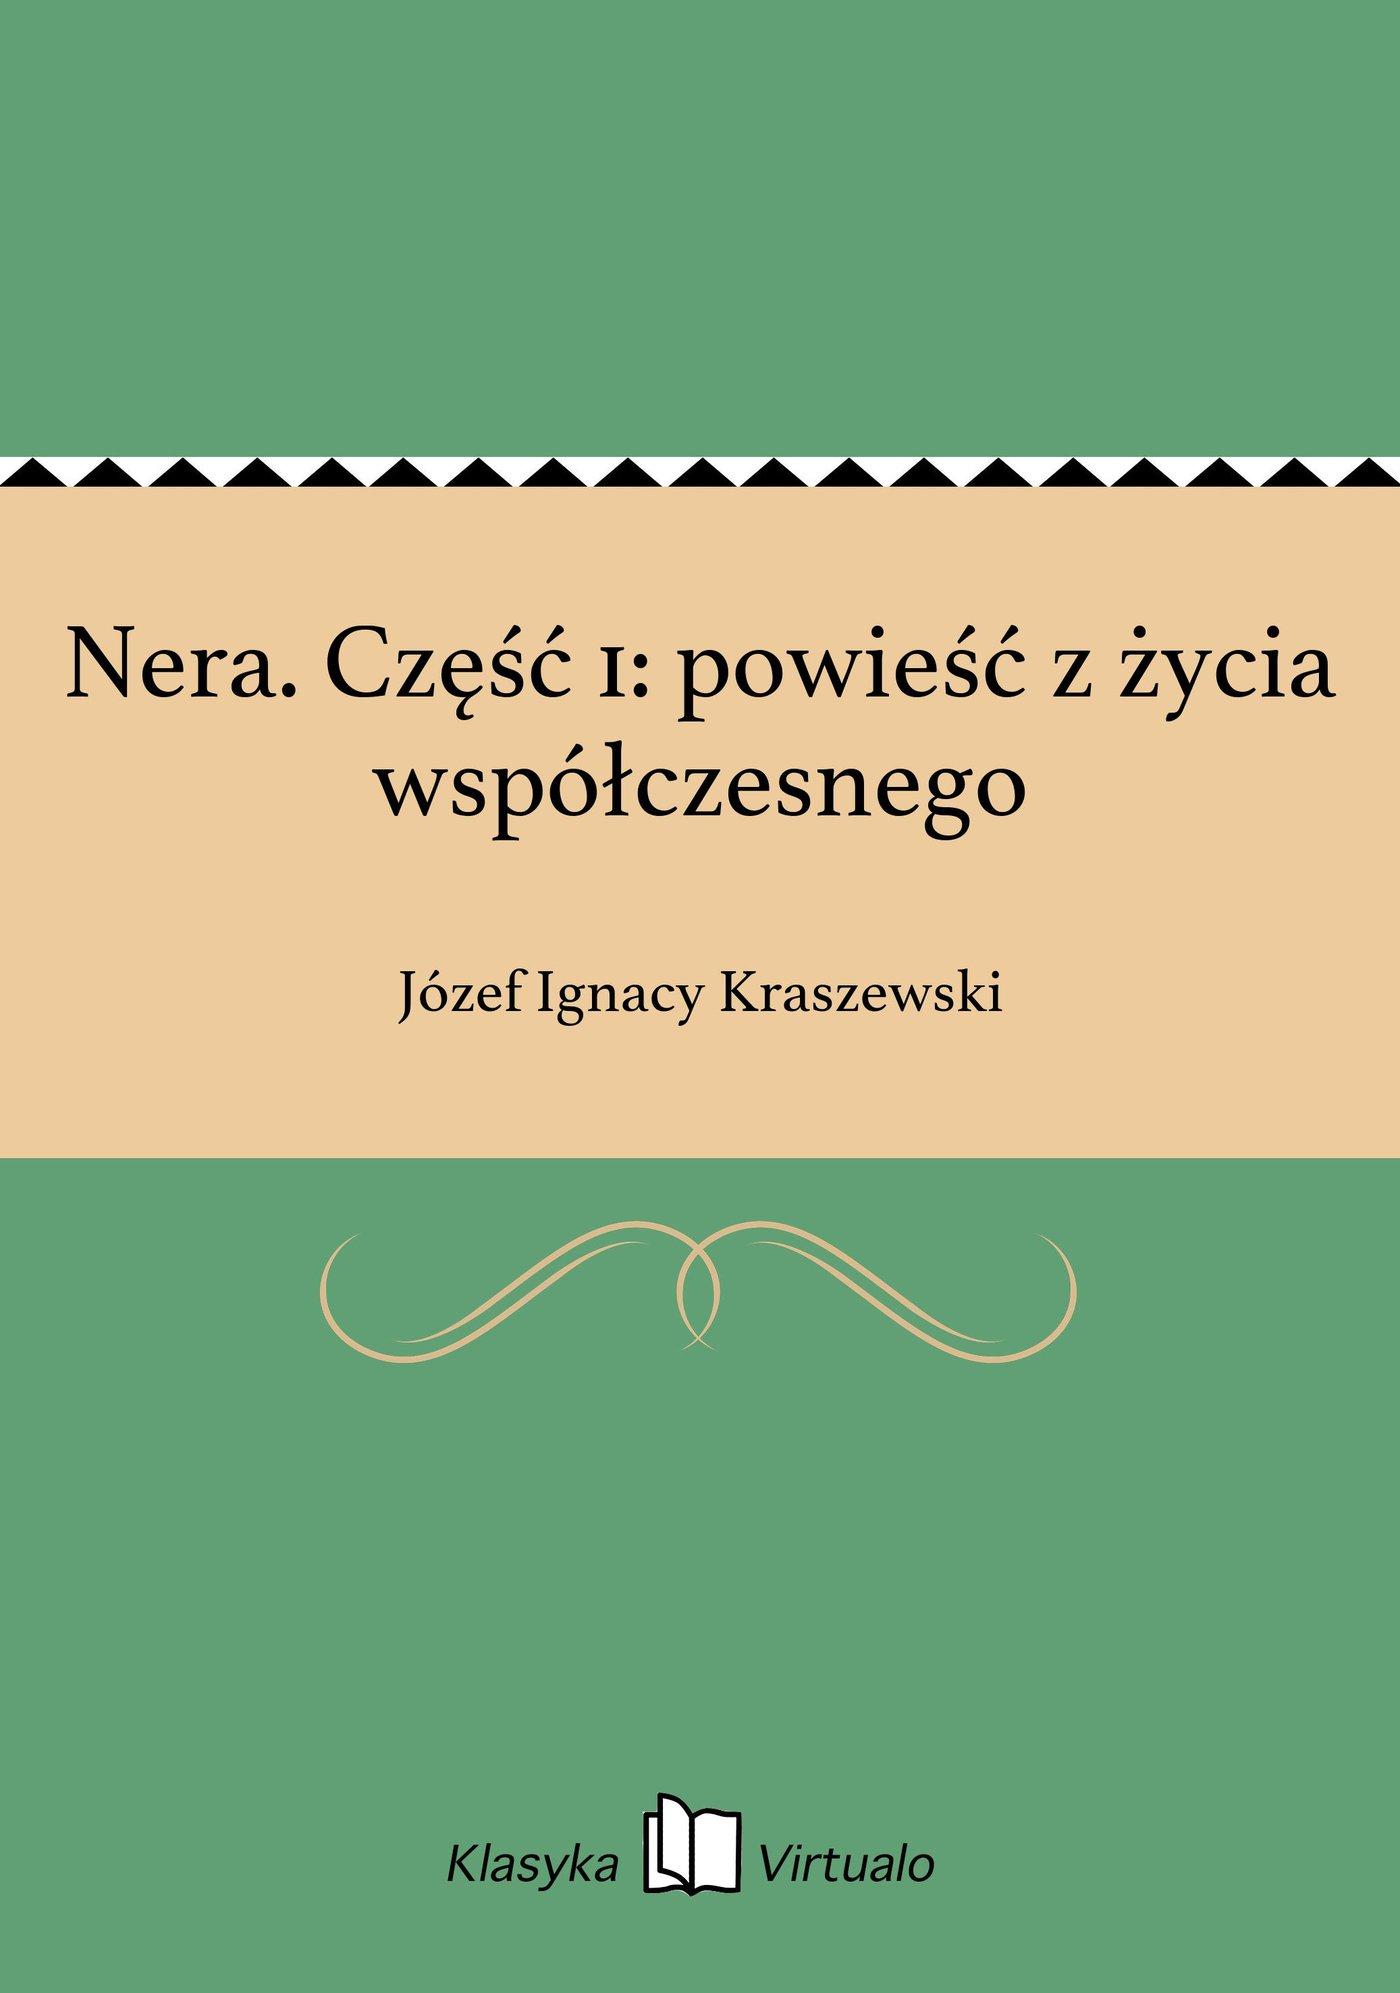 Nera. Część 1: powieść z życia współczesnego - Ebook (Książka EPUB) do pobrania w formacie EPUB